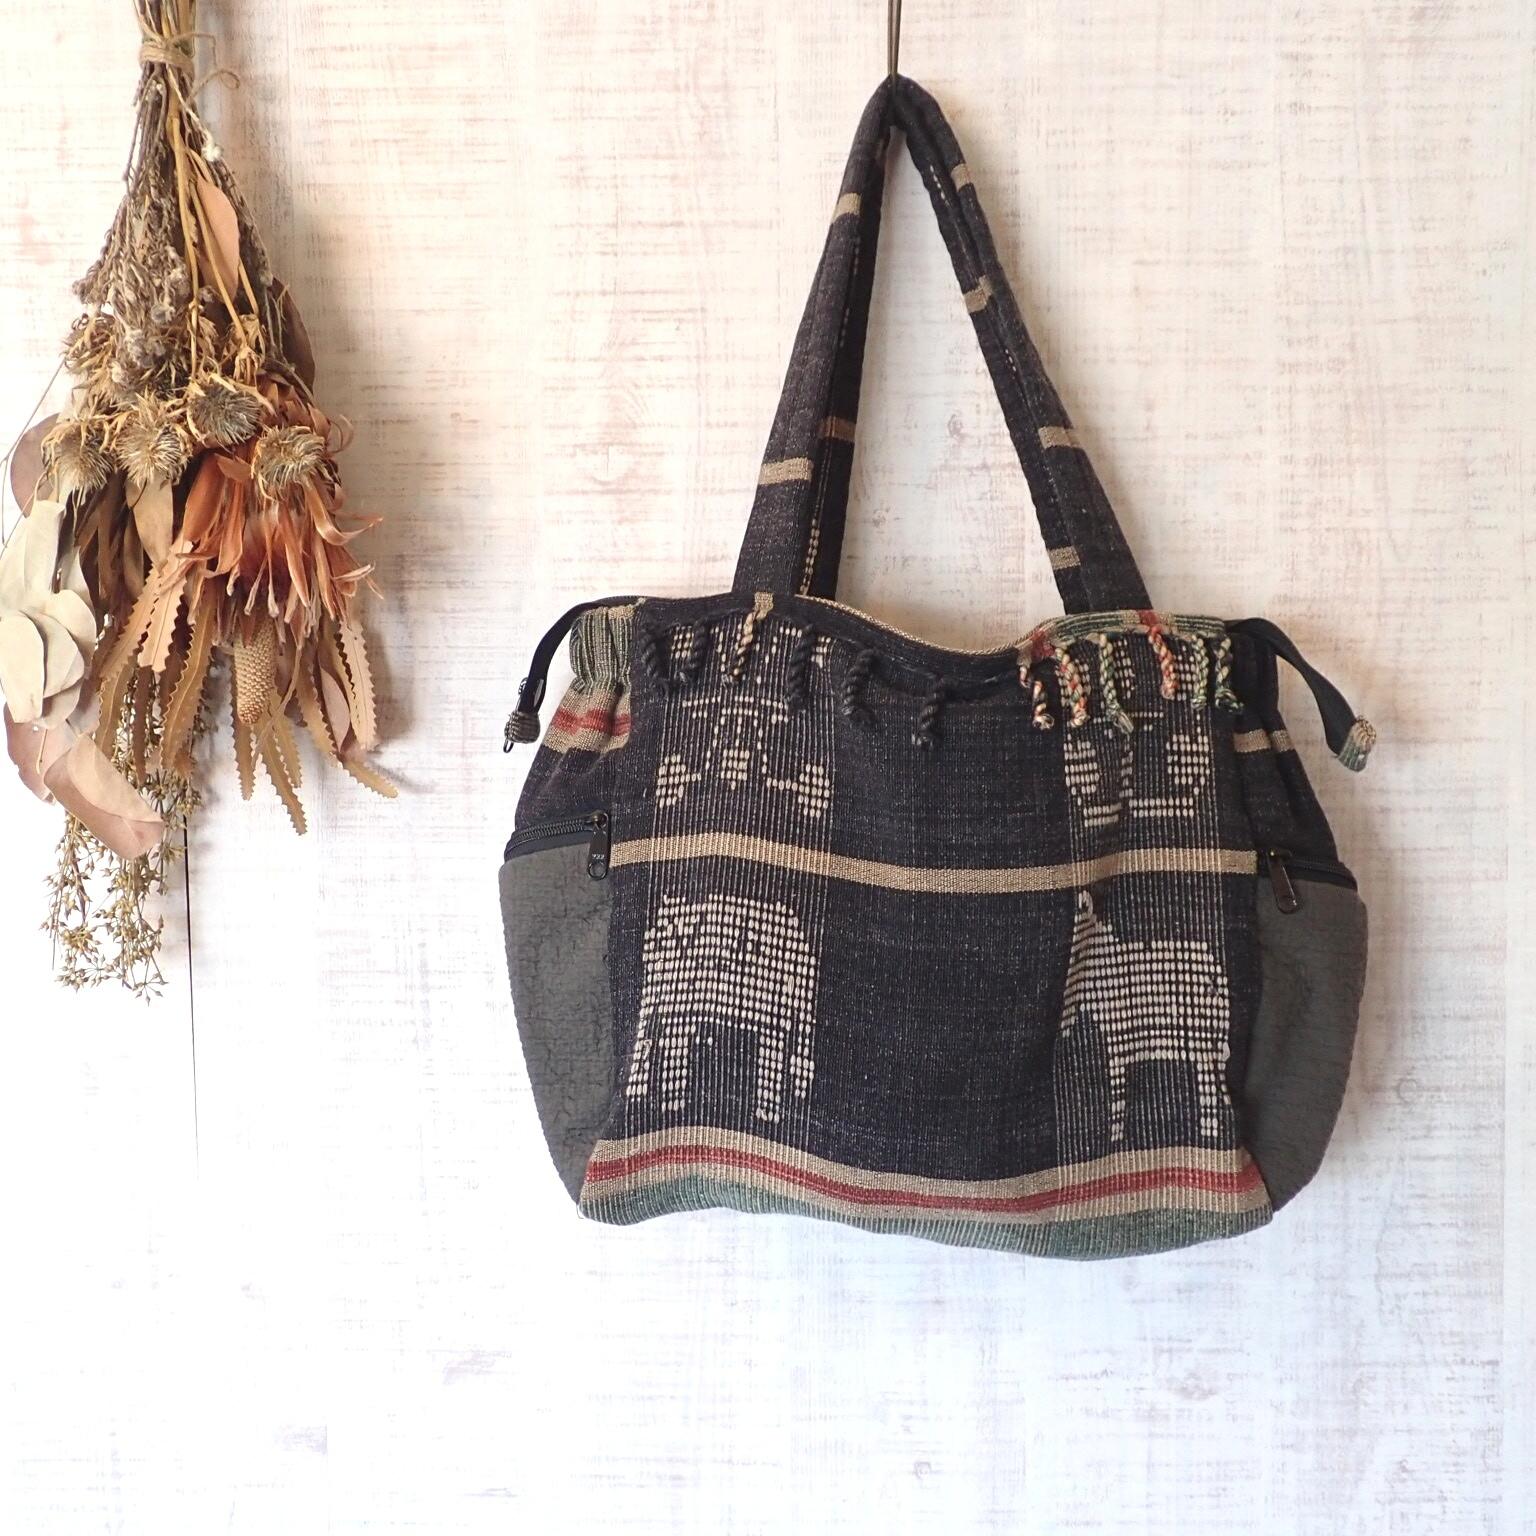 チェンマイ ナガ族刺繍のファスナーつきトートバッグ